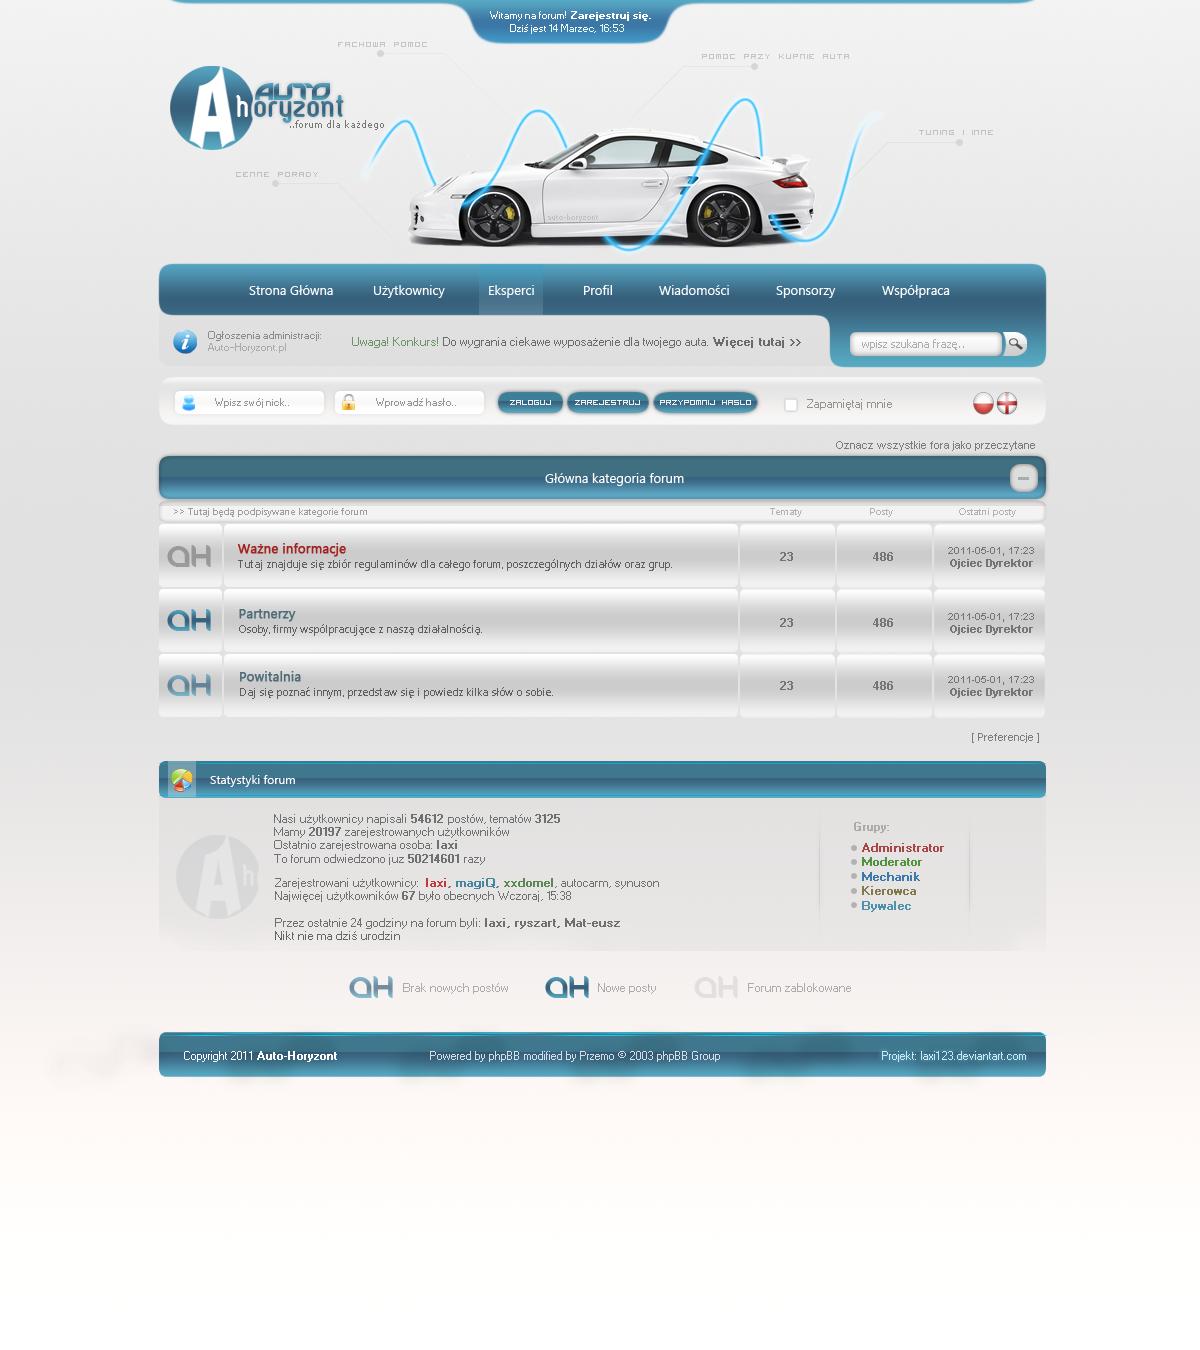 auto_horyzont_projekt_2011_by_laxi123-d3gjy6g.png